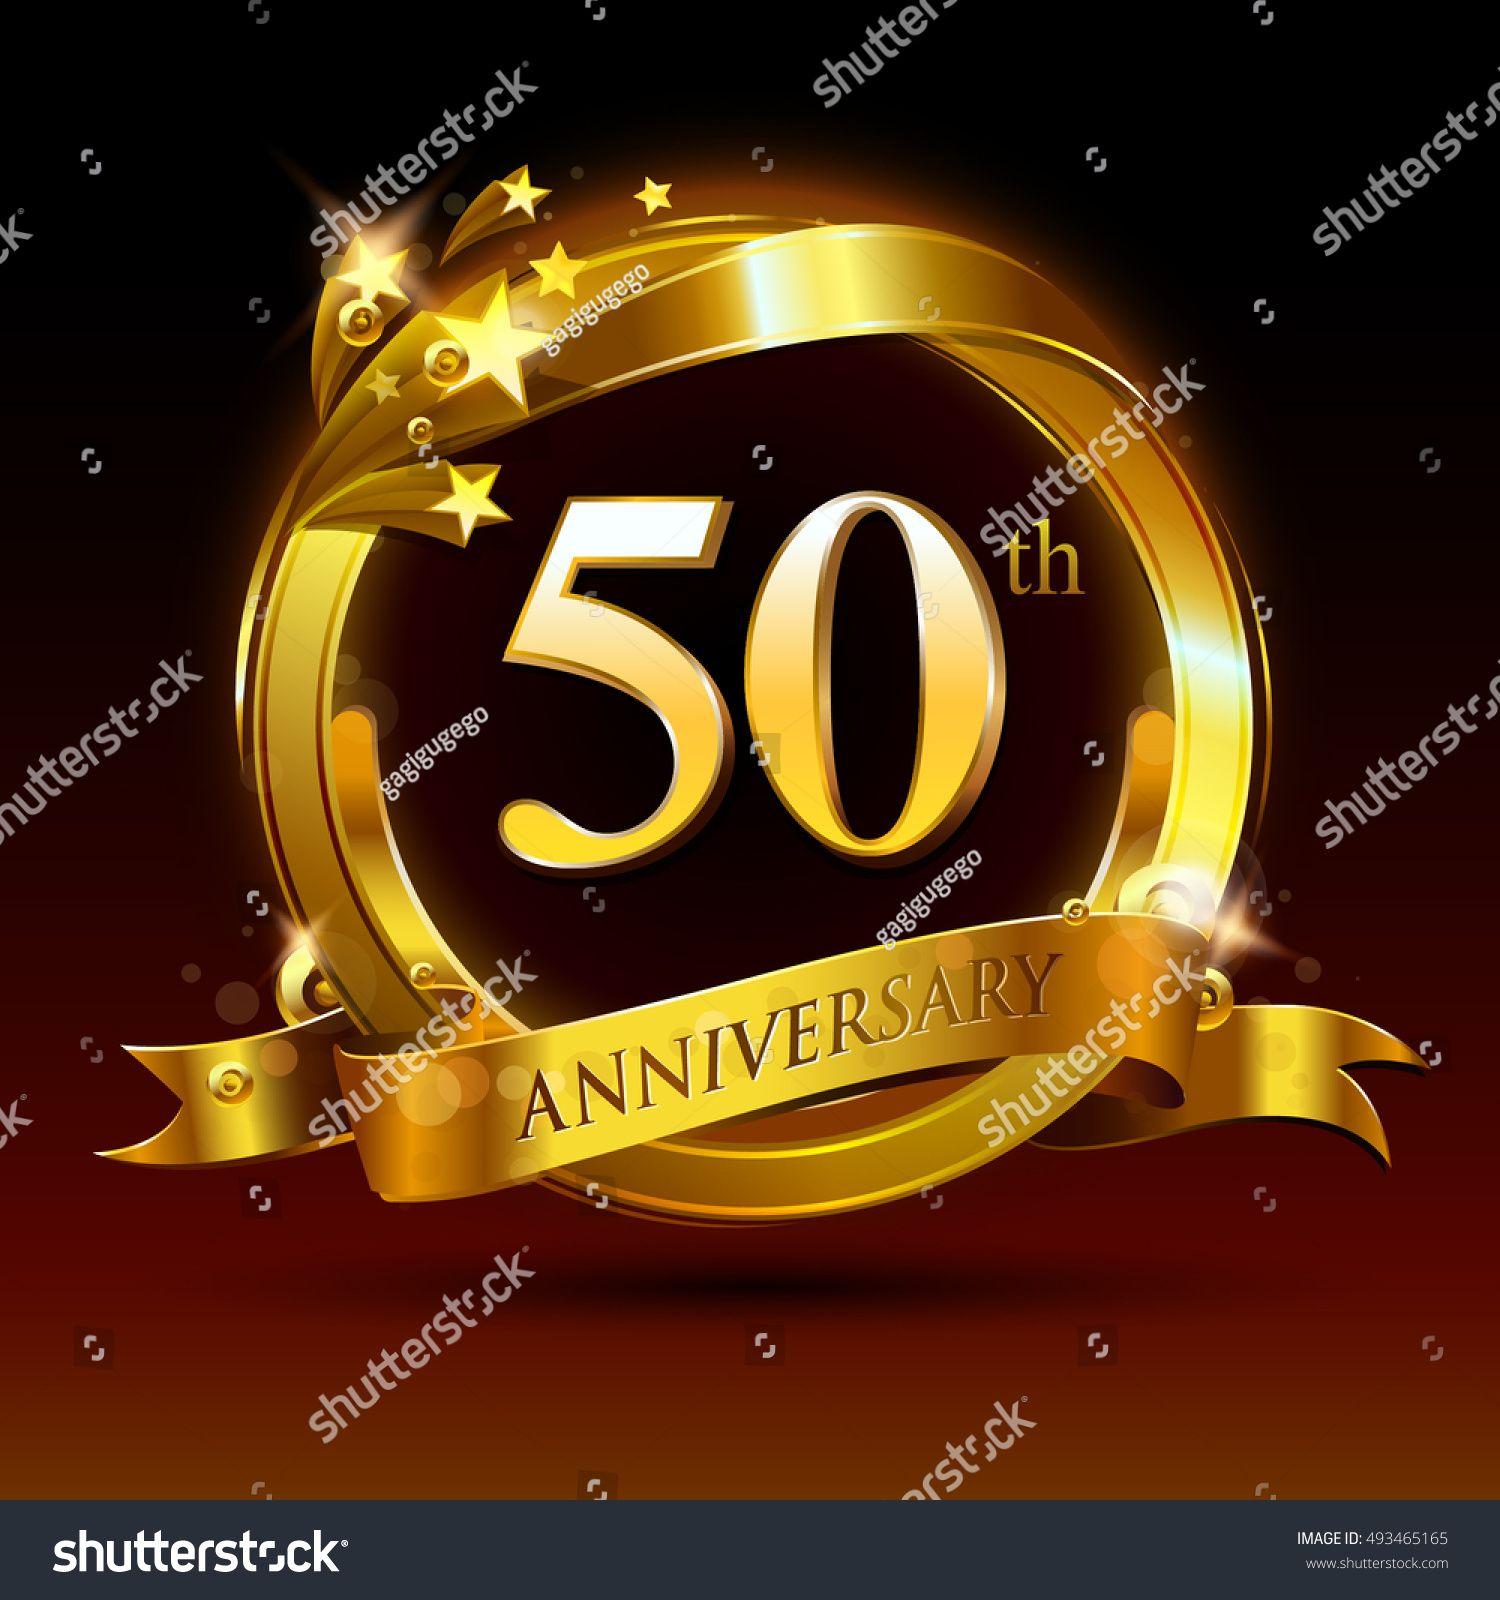 50th golden anniversary logo, 50 years anniversary